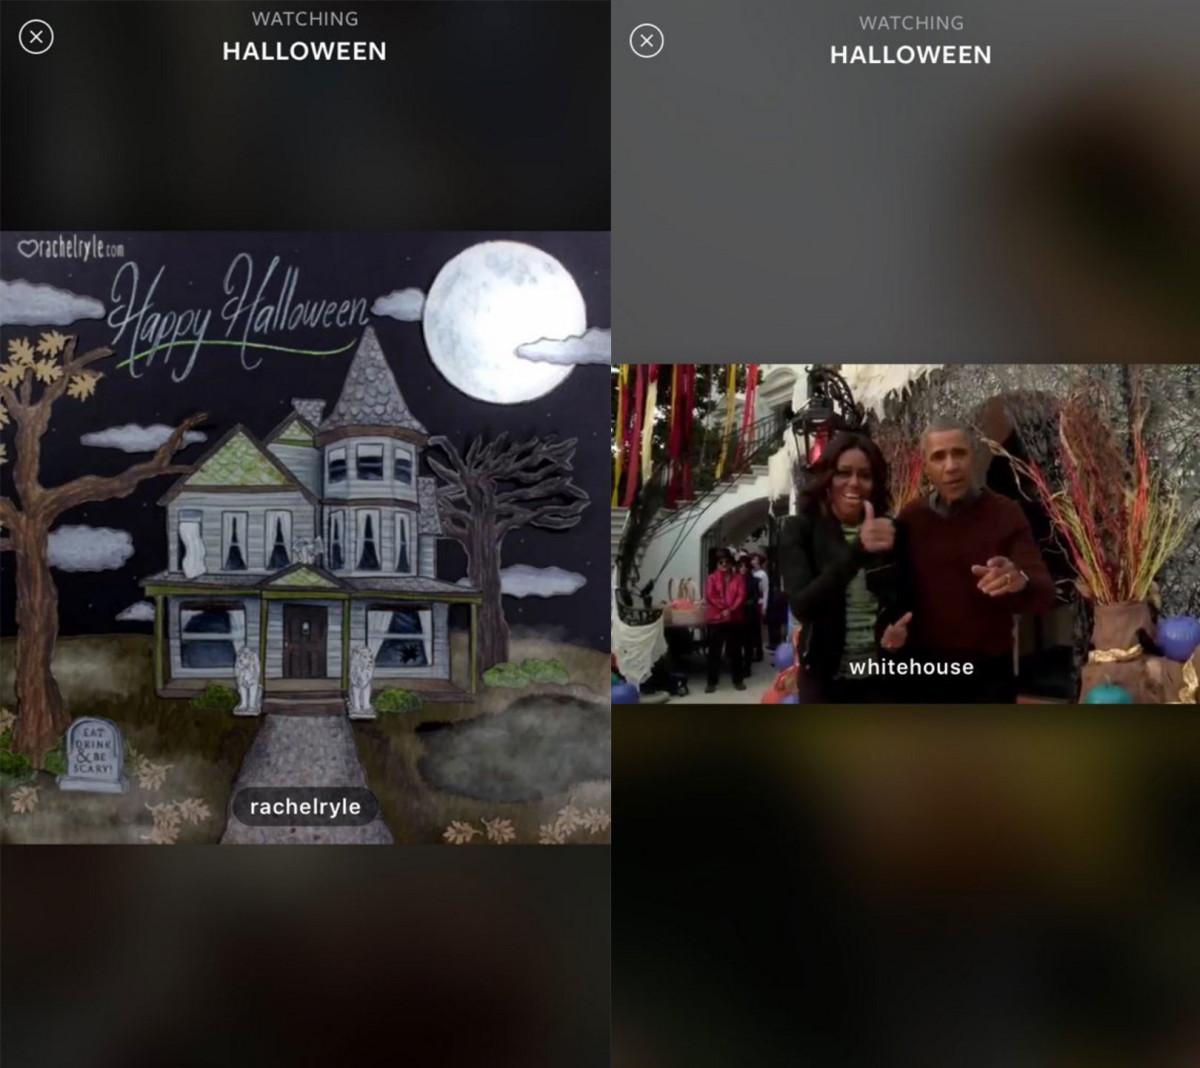 Instagram's Halloween Live Story